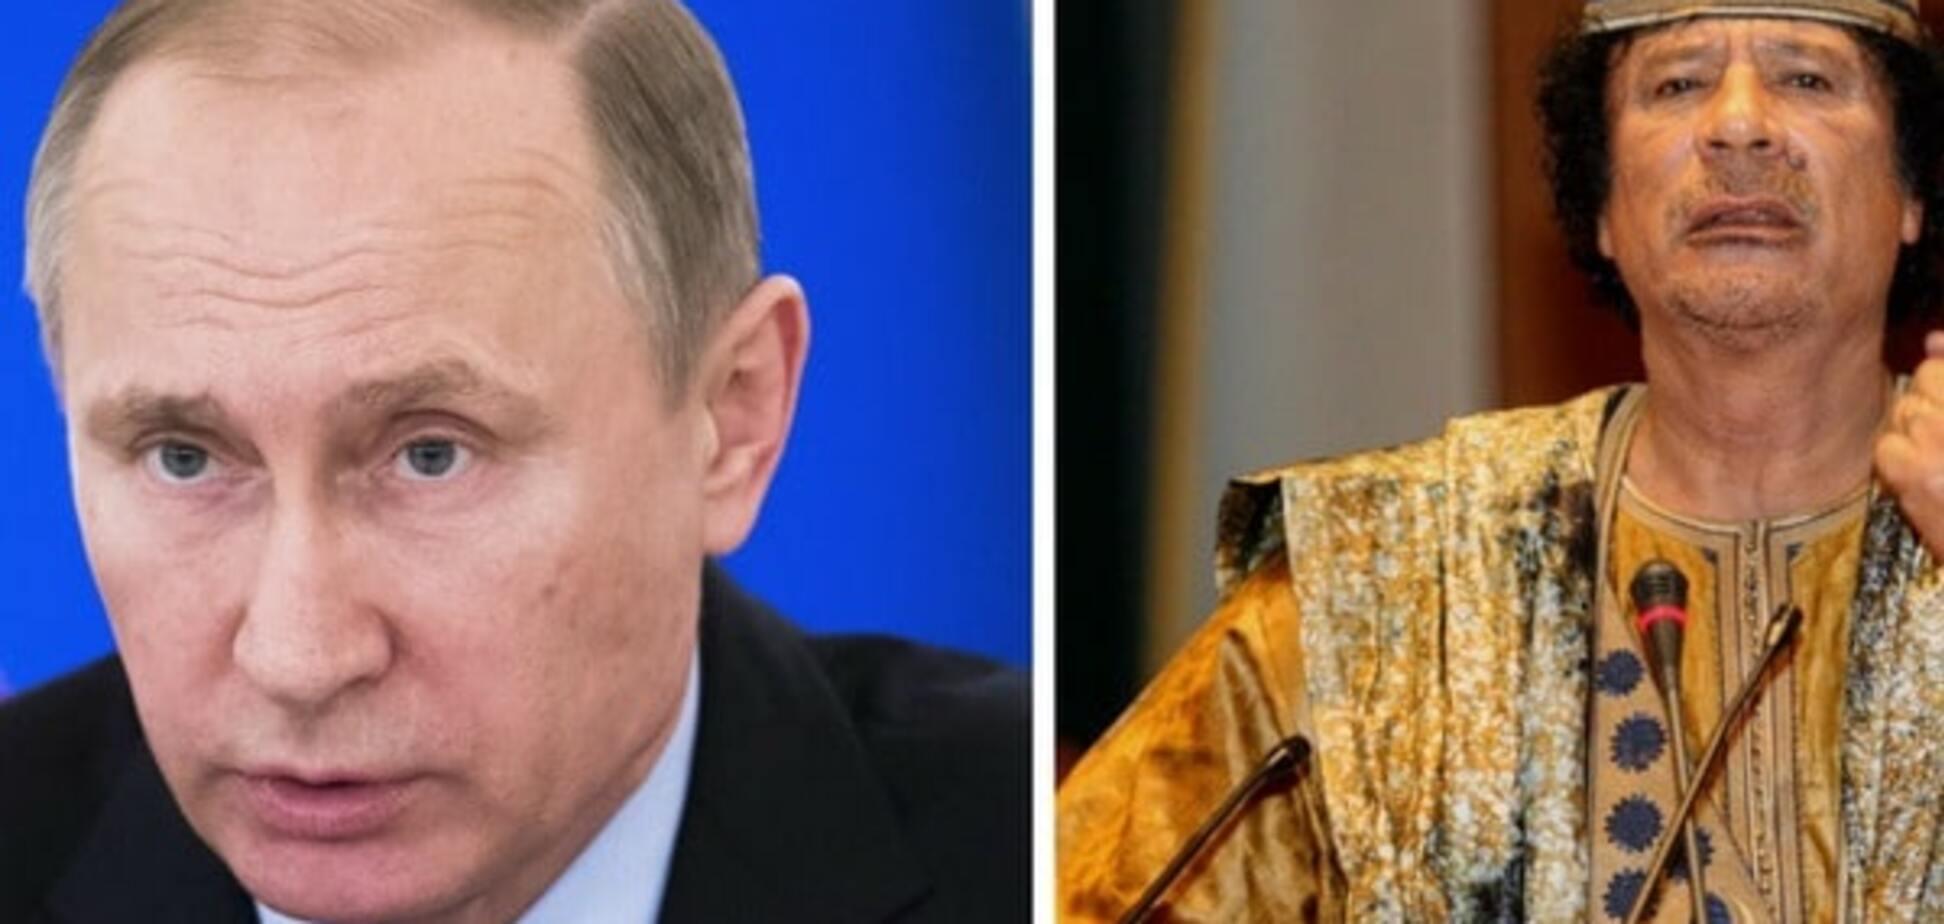 Слава Рабинович потролив Путіна долею Каддафі та його Нацгвардією